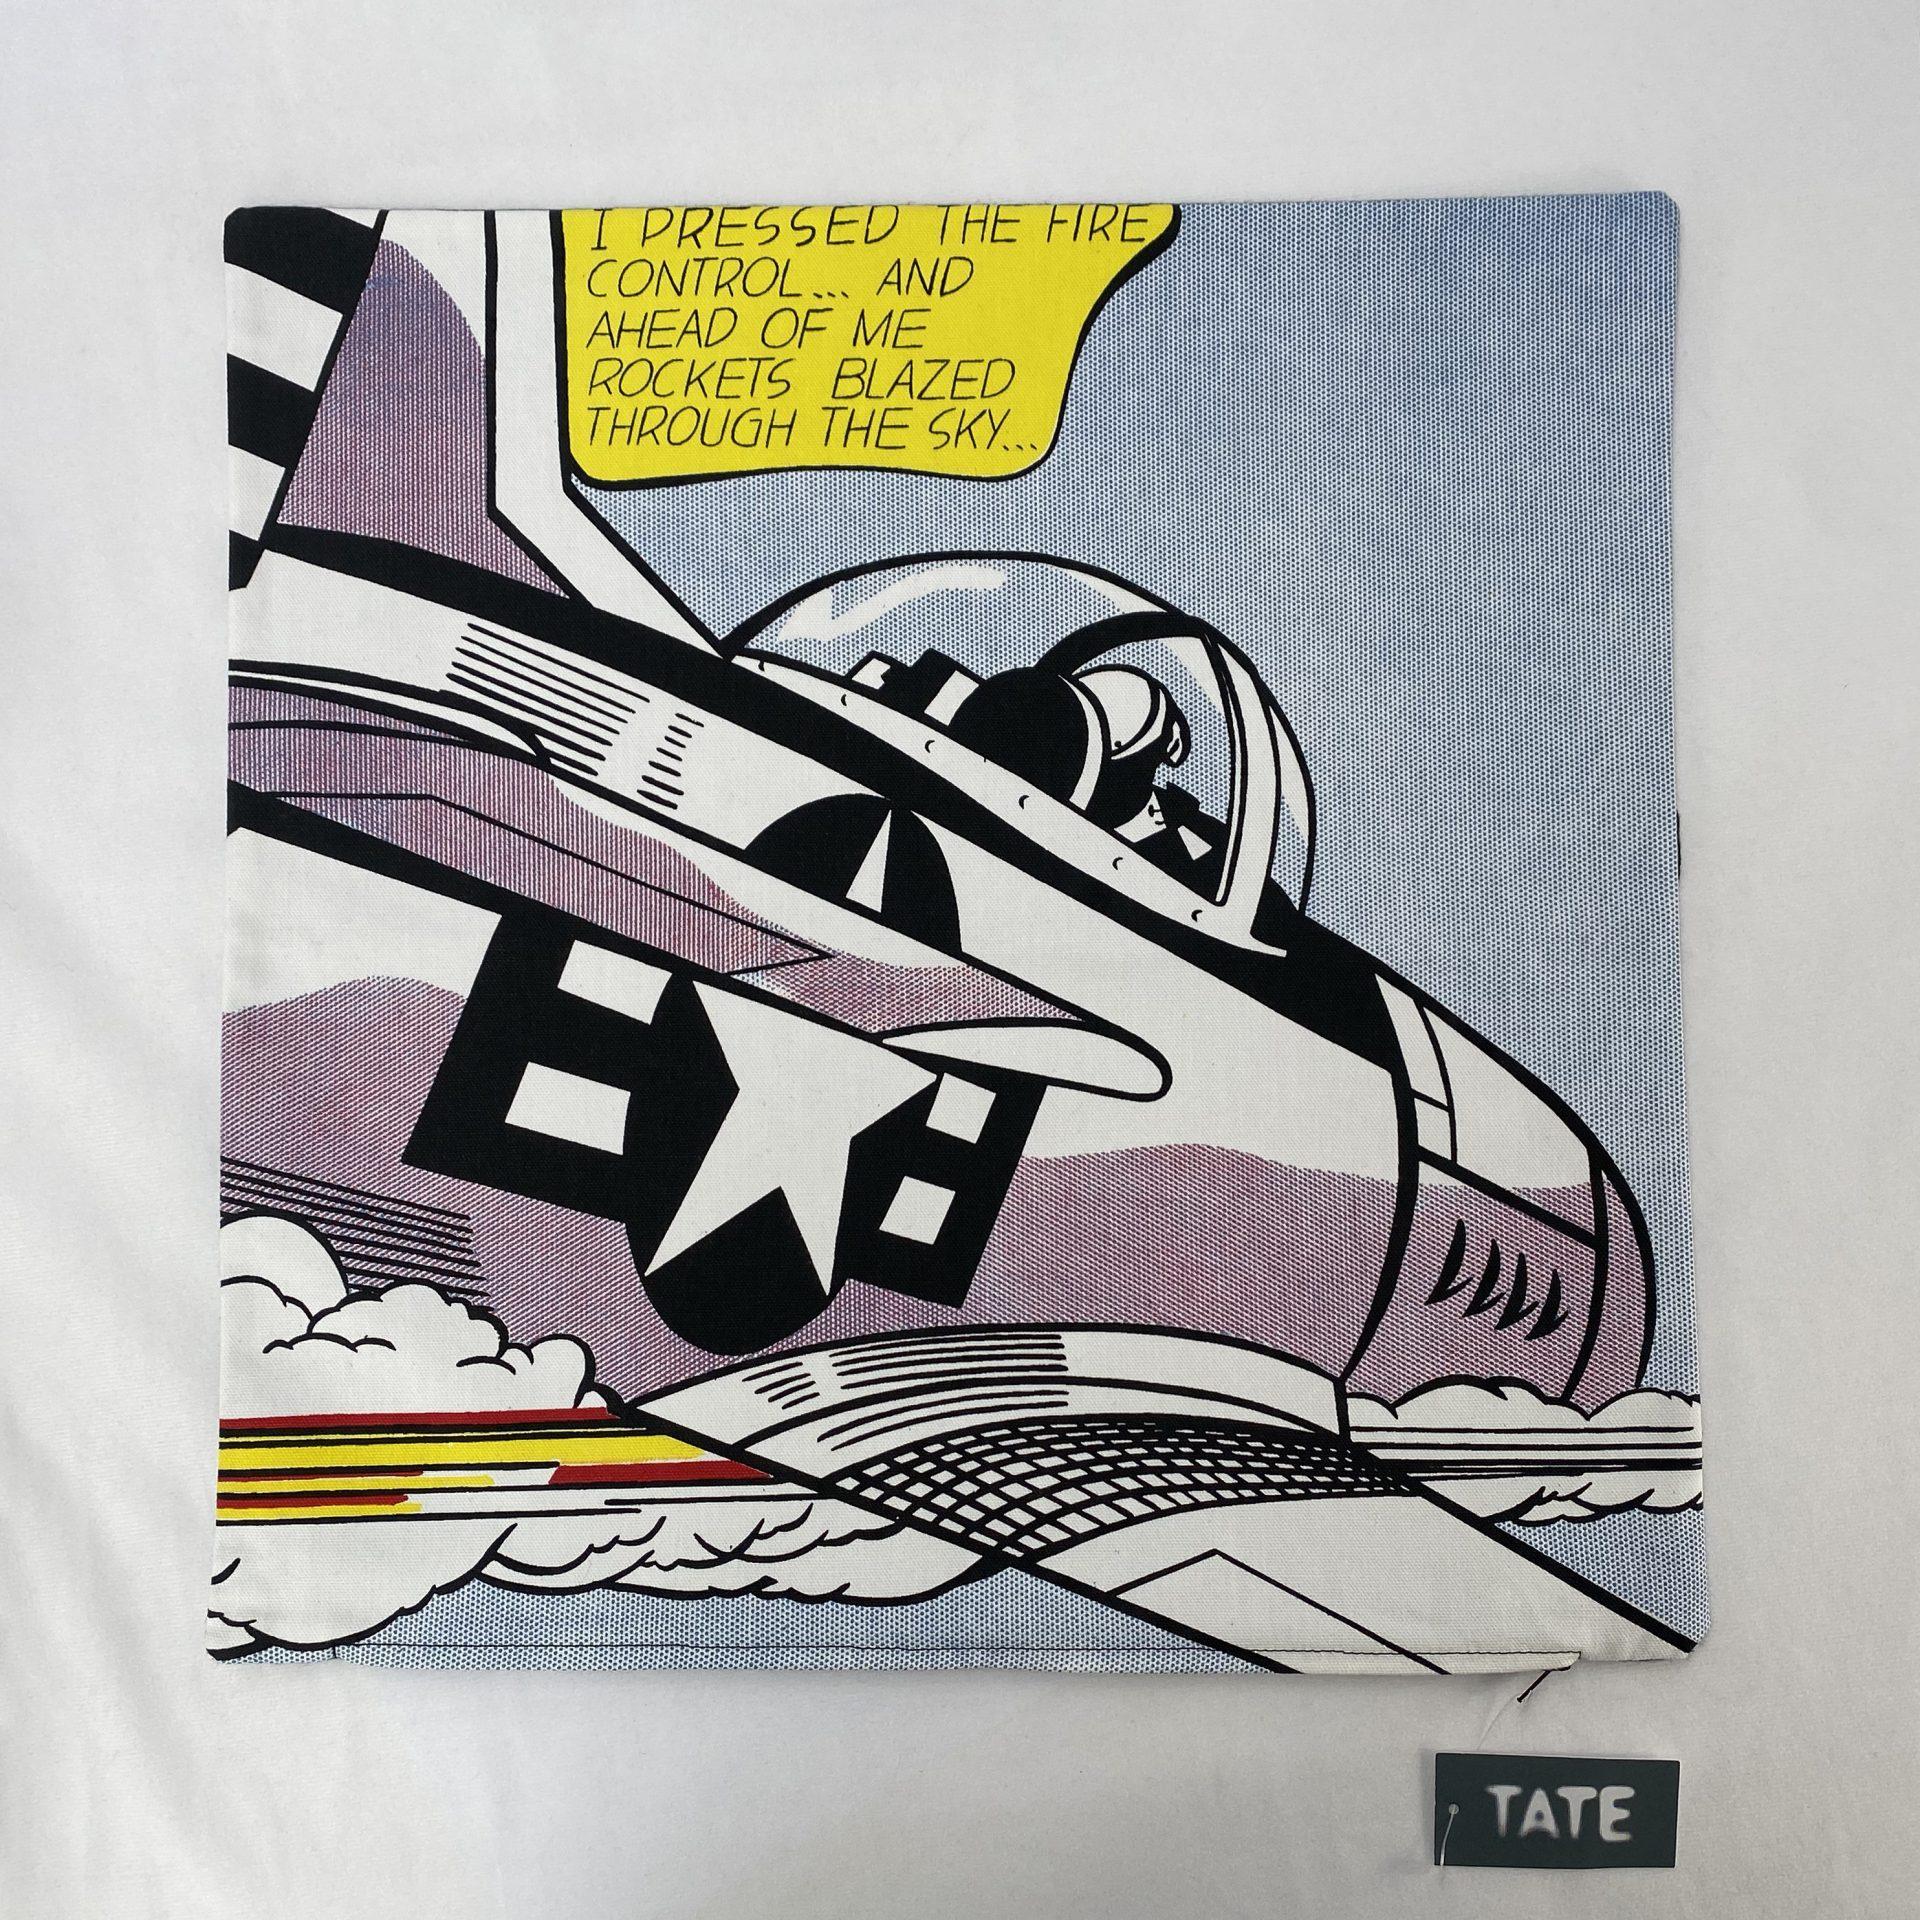 Tate Whamm Bespoke Cushion Cover Swing Tag